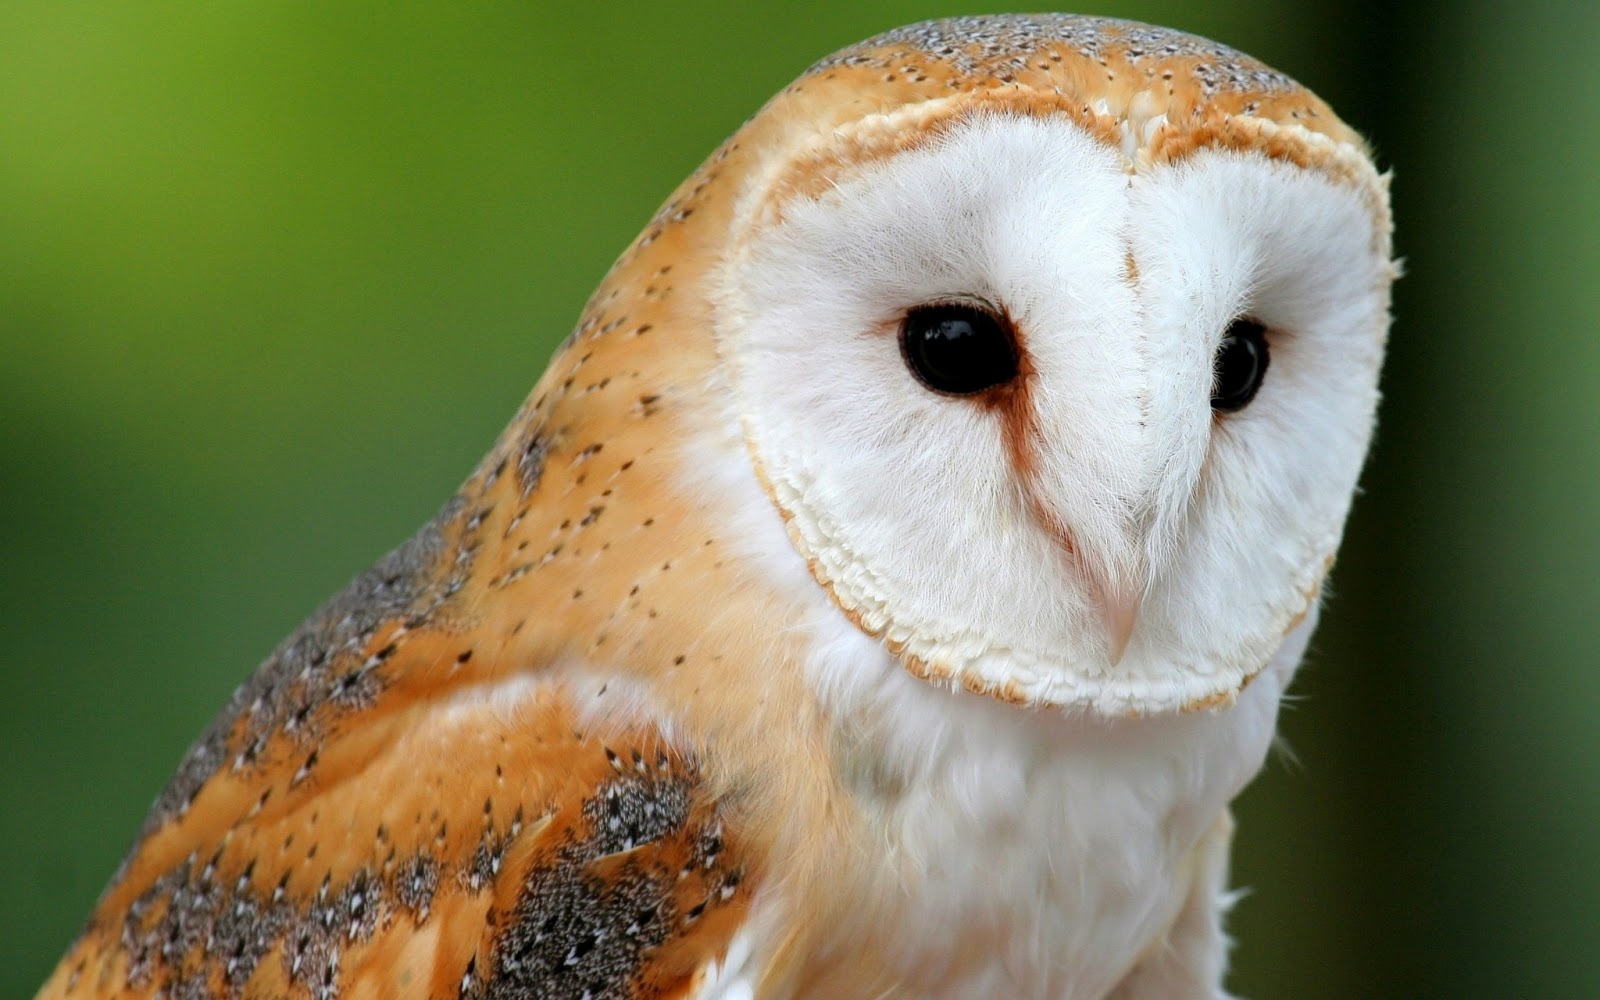 Imágenes de Búhos - Aves Exoticas   Fotos e Imágenes en